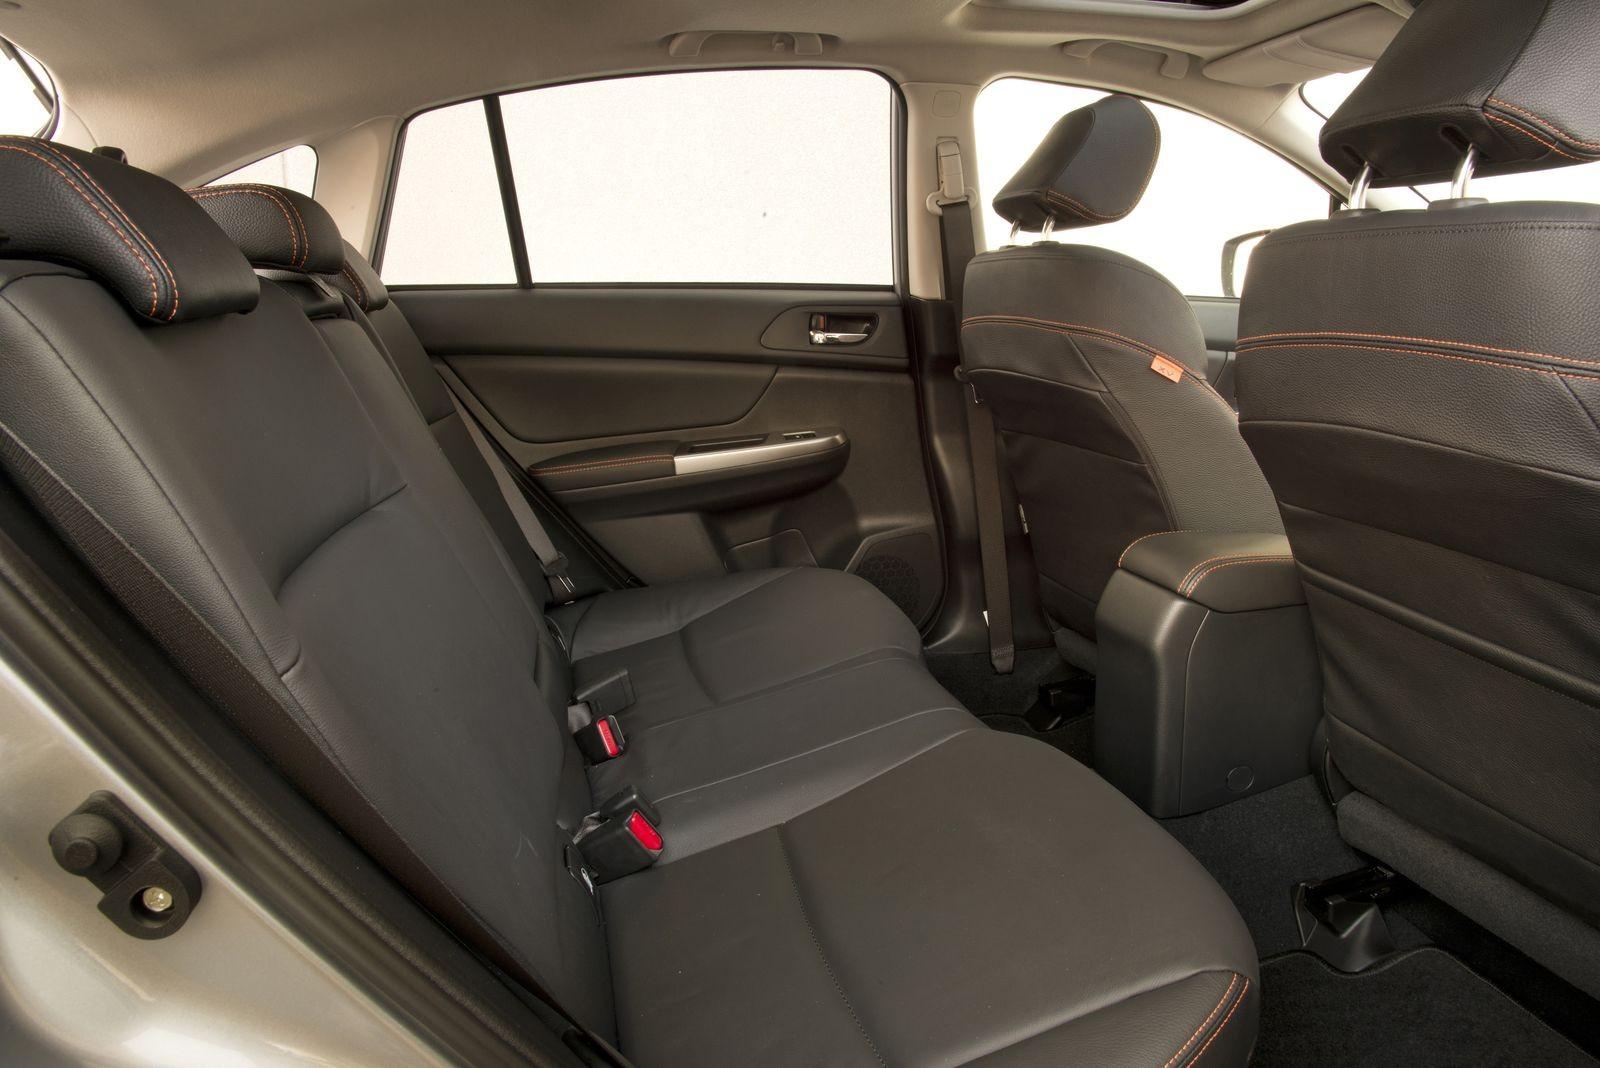 Моторы сменились, вопросы остались: стоит ли покупать Subaru XV I за 1,2 миллиона рублей